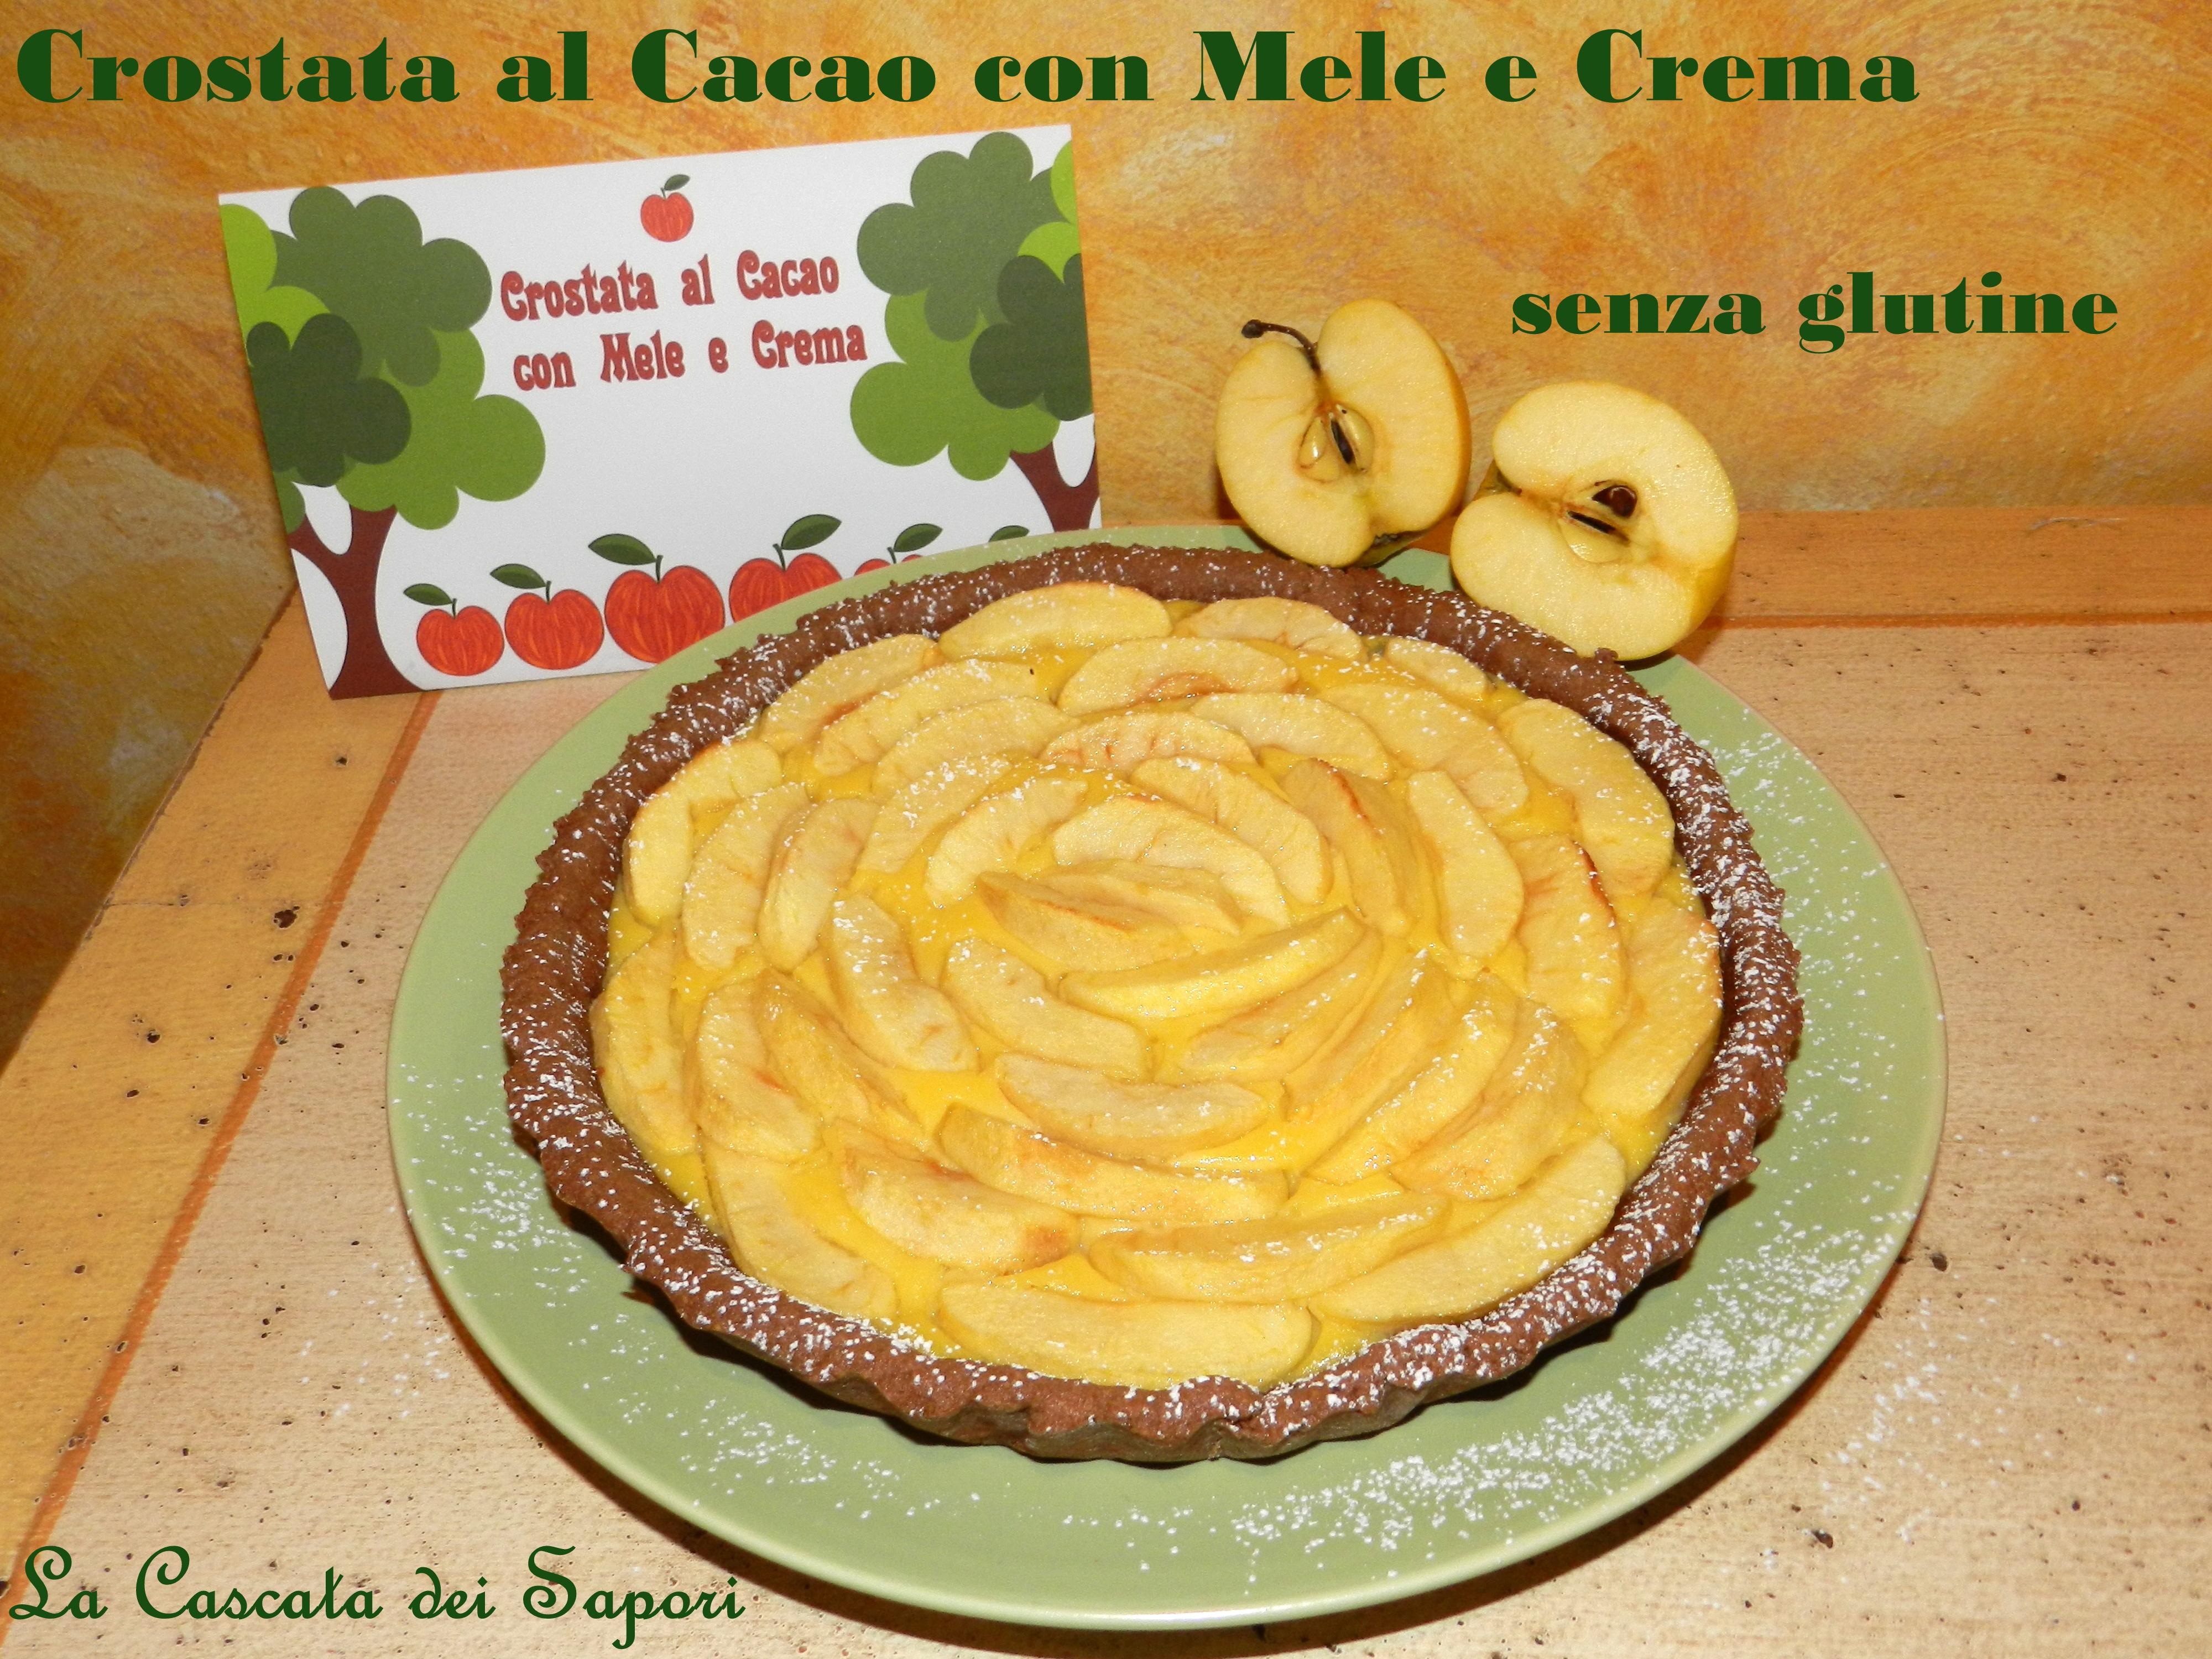 Crostata al Cacao con Mele e Crema